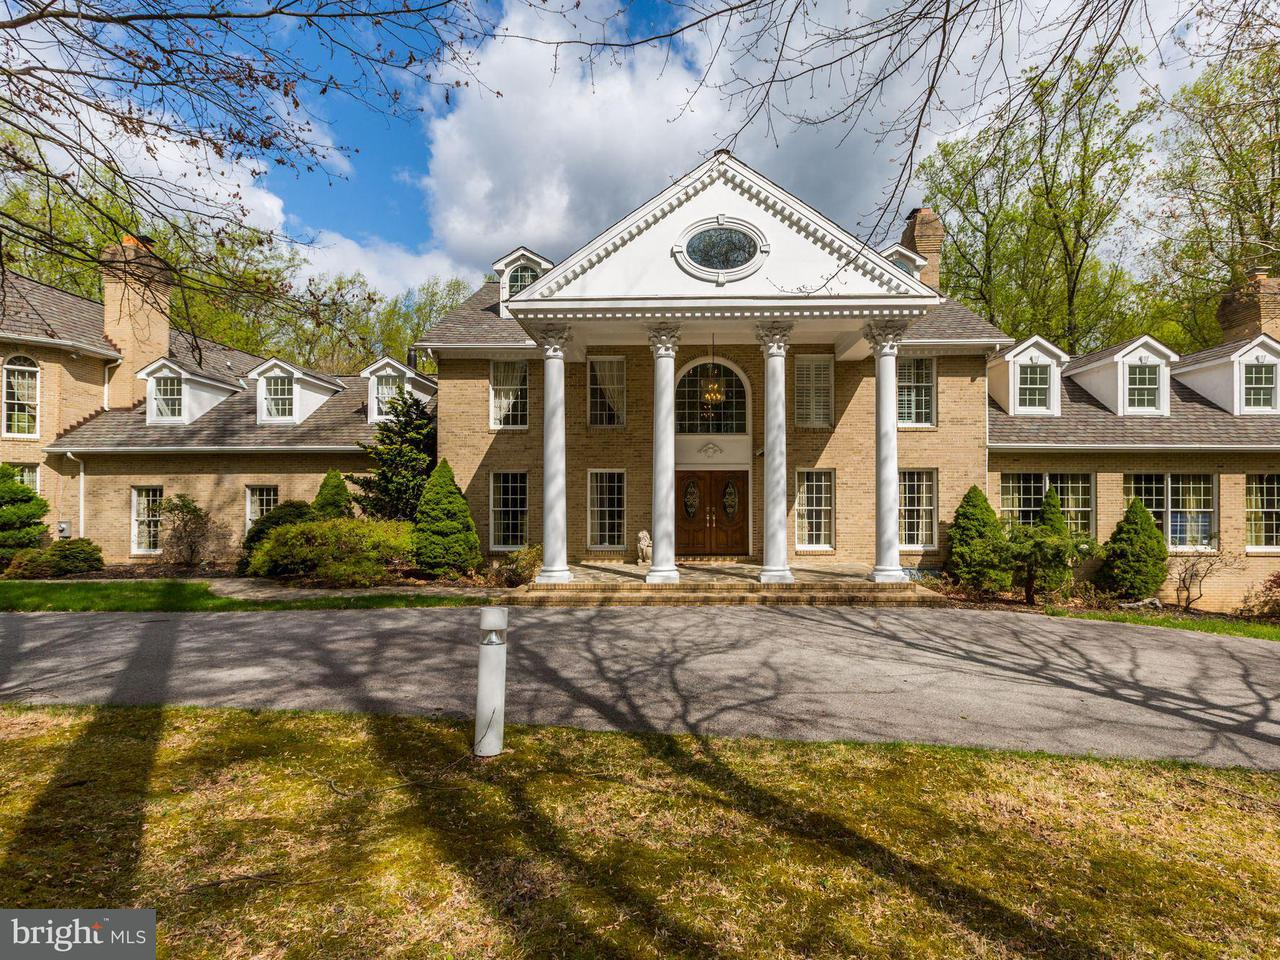 Частный односемейный дом для того Продажа на 2304 Tufton Ridge Road 2304 Tufton Ridge Road Reisterstown, Мэриленд 21136 Соединенные Штаты